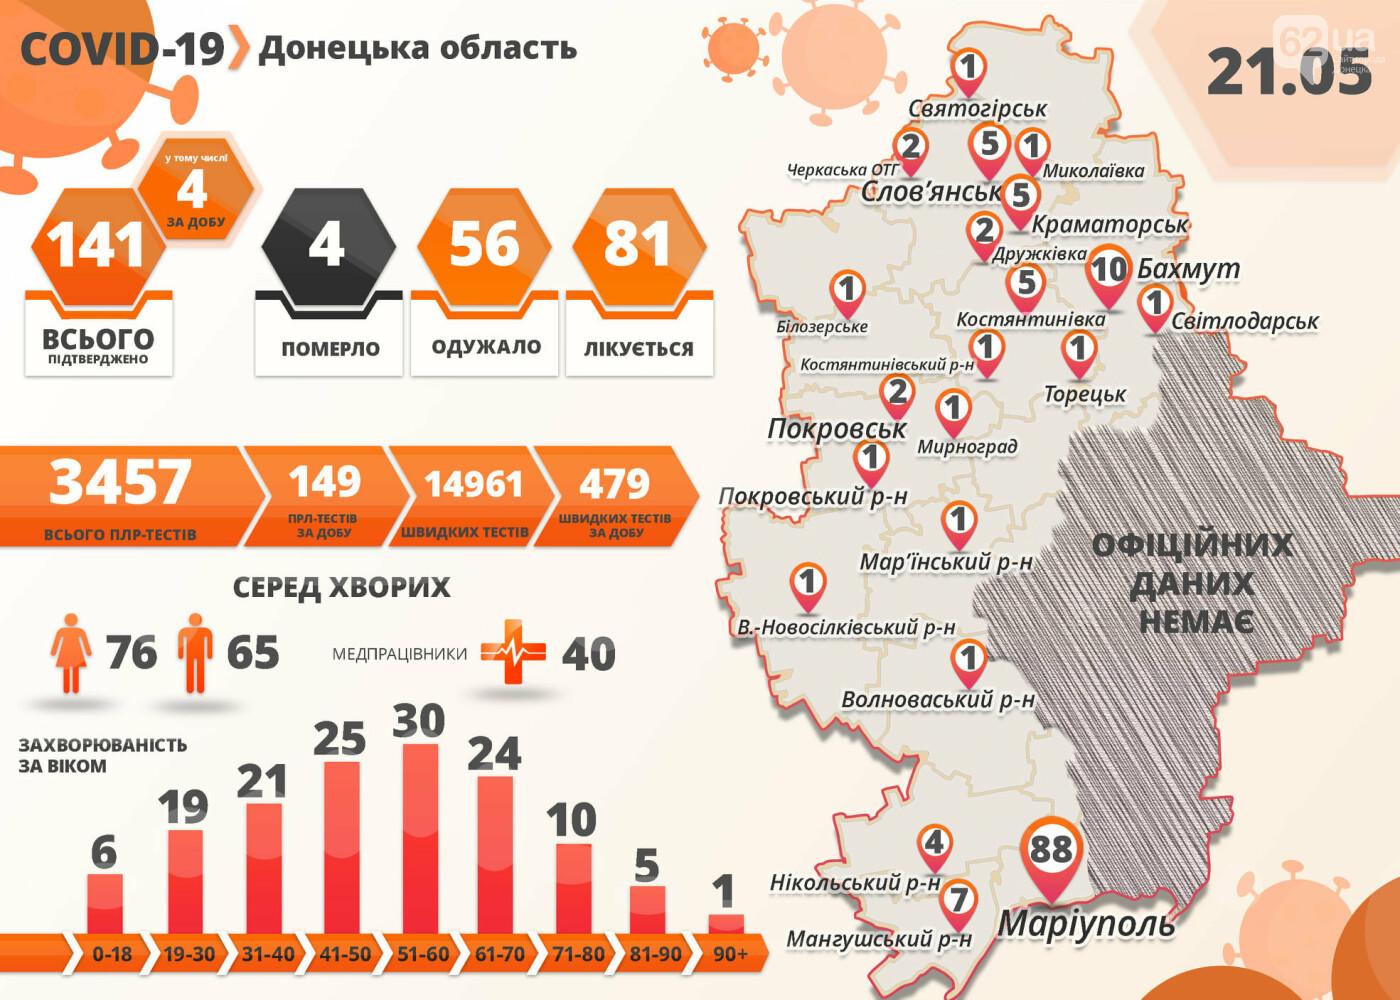 В Донецкой области количество случаев коронавируса выросло до 141, фото-1